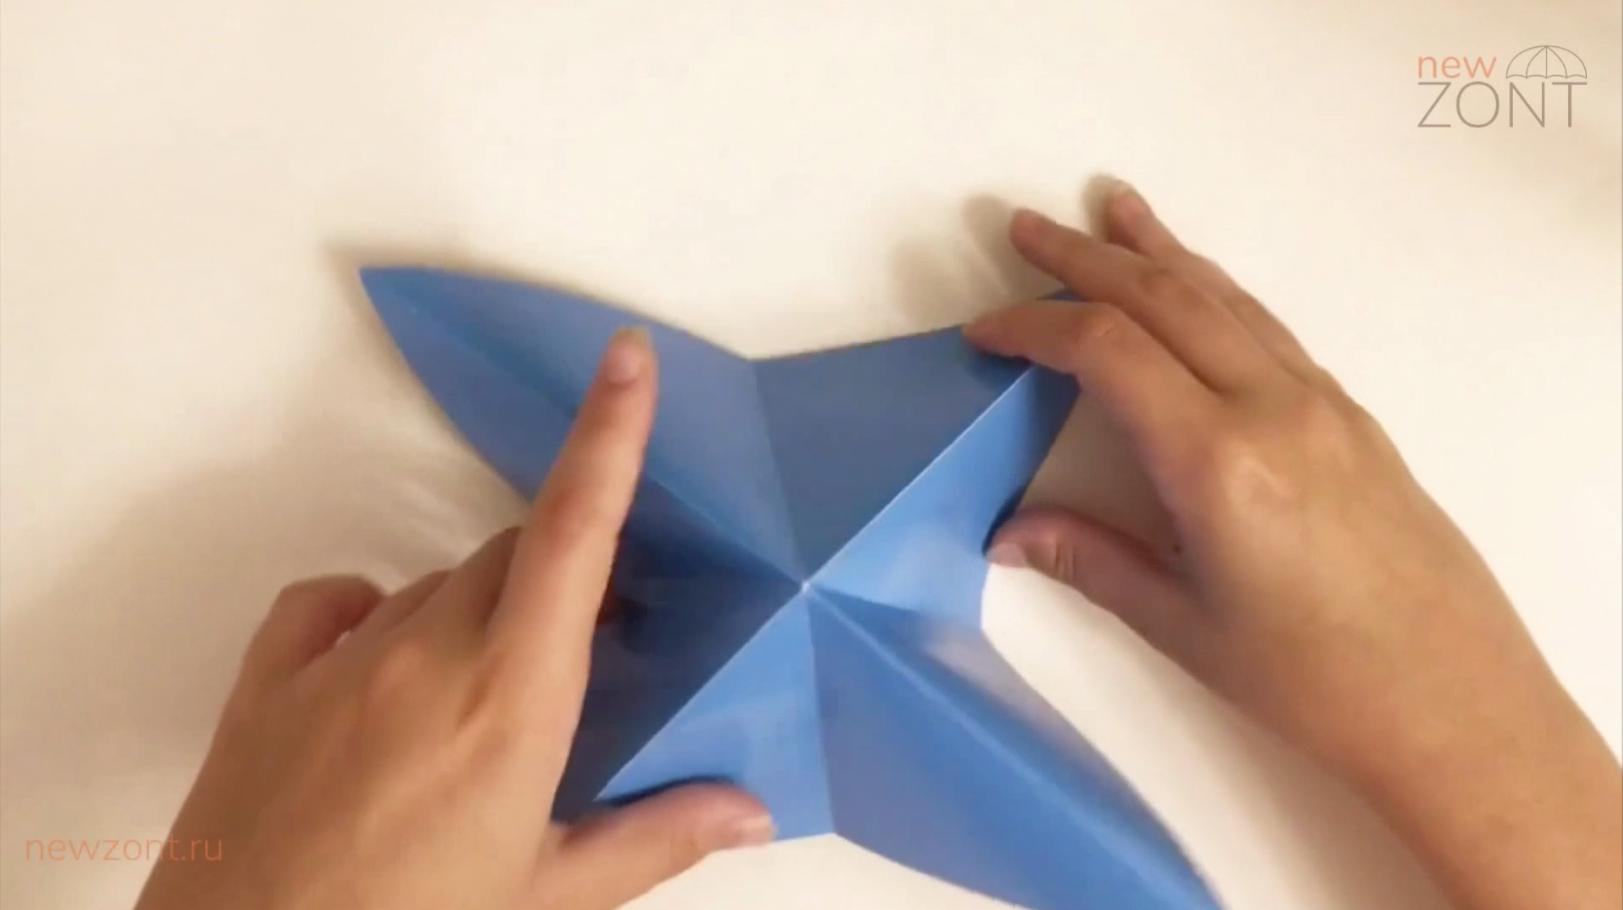 Как сделать зонтик из бумаги